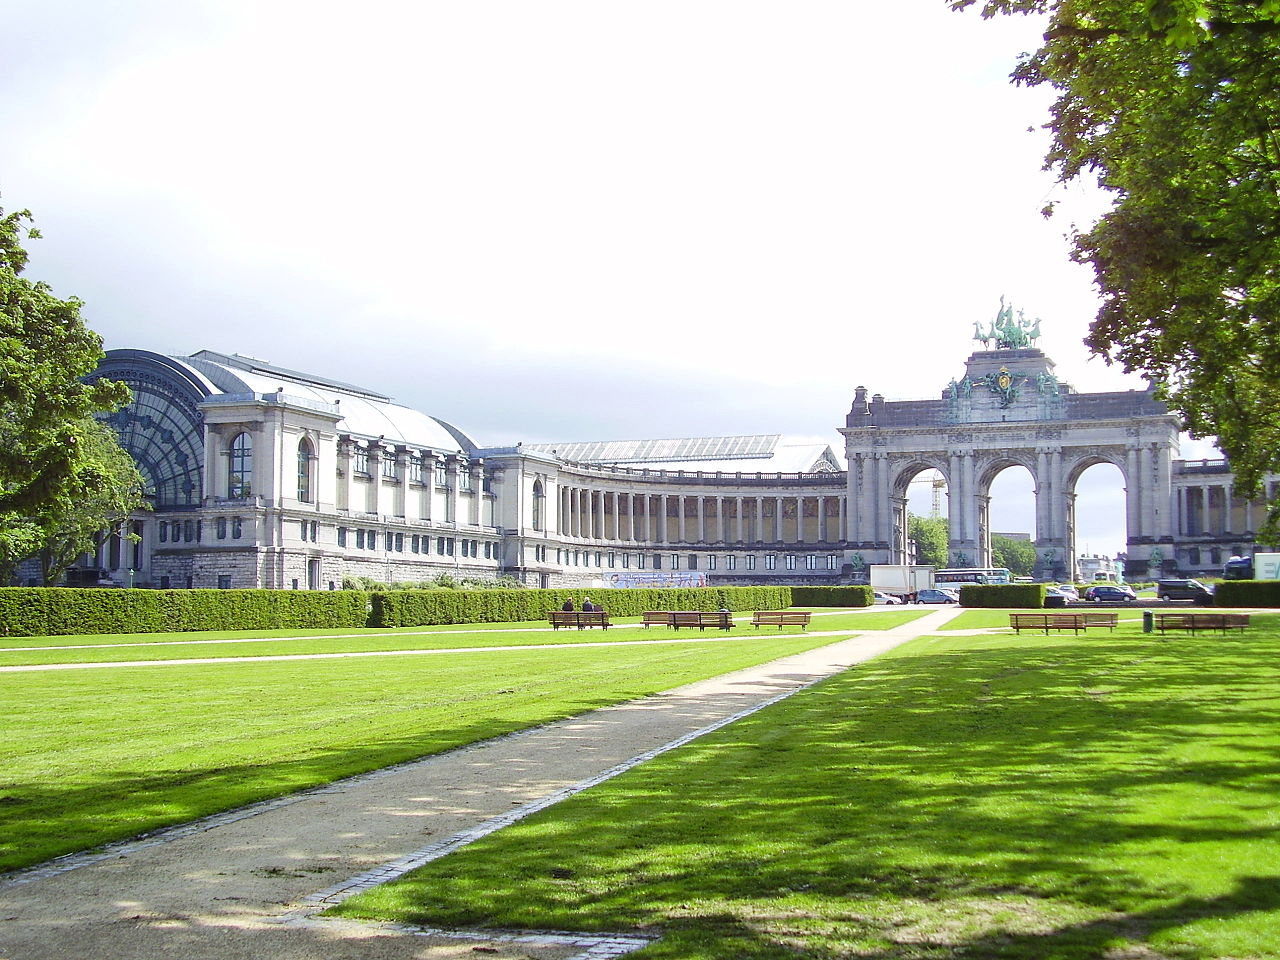 Best Hotels near Versailles Palace (Chateau de Versailles)